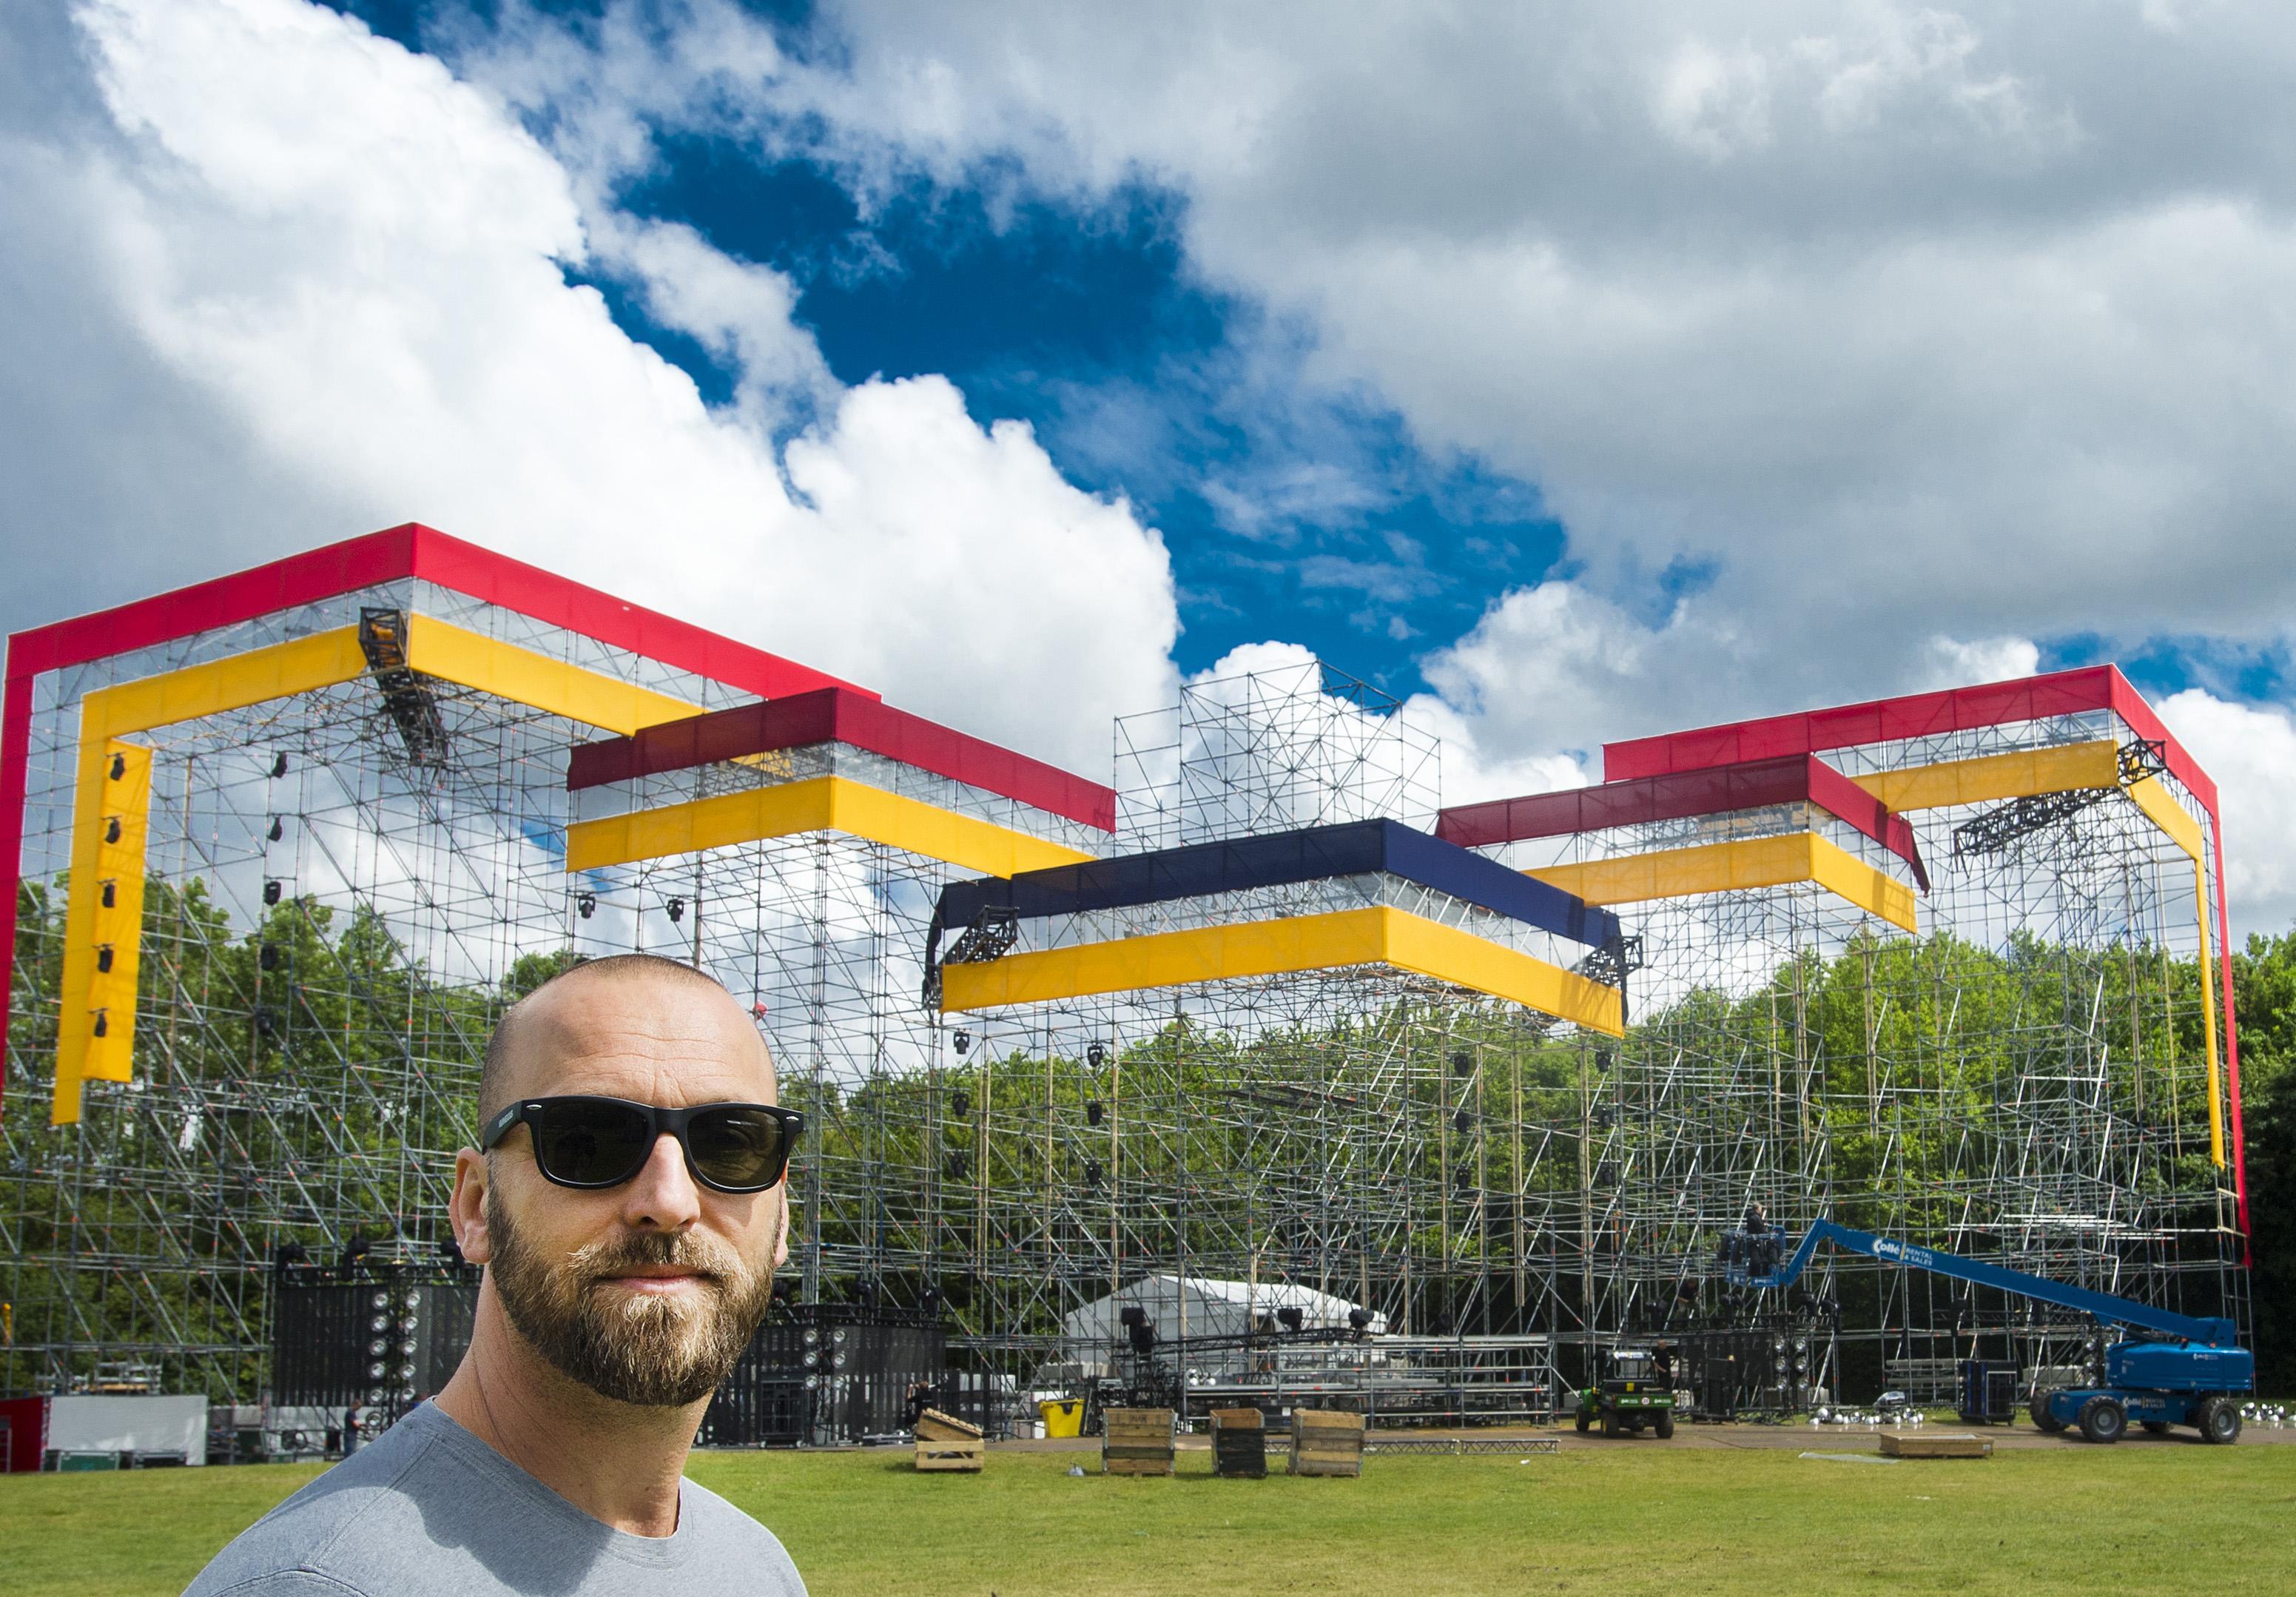 Muziekfestivals in Noord-Holland lopen 200 miljoen euro mis: 2020 rampjaar voor festivals